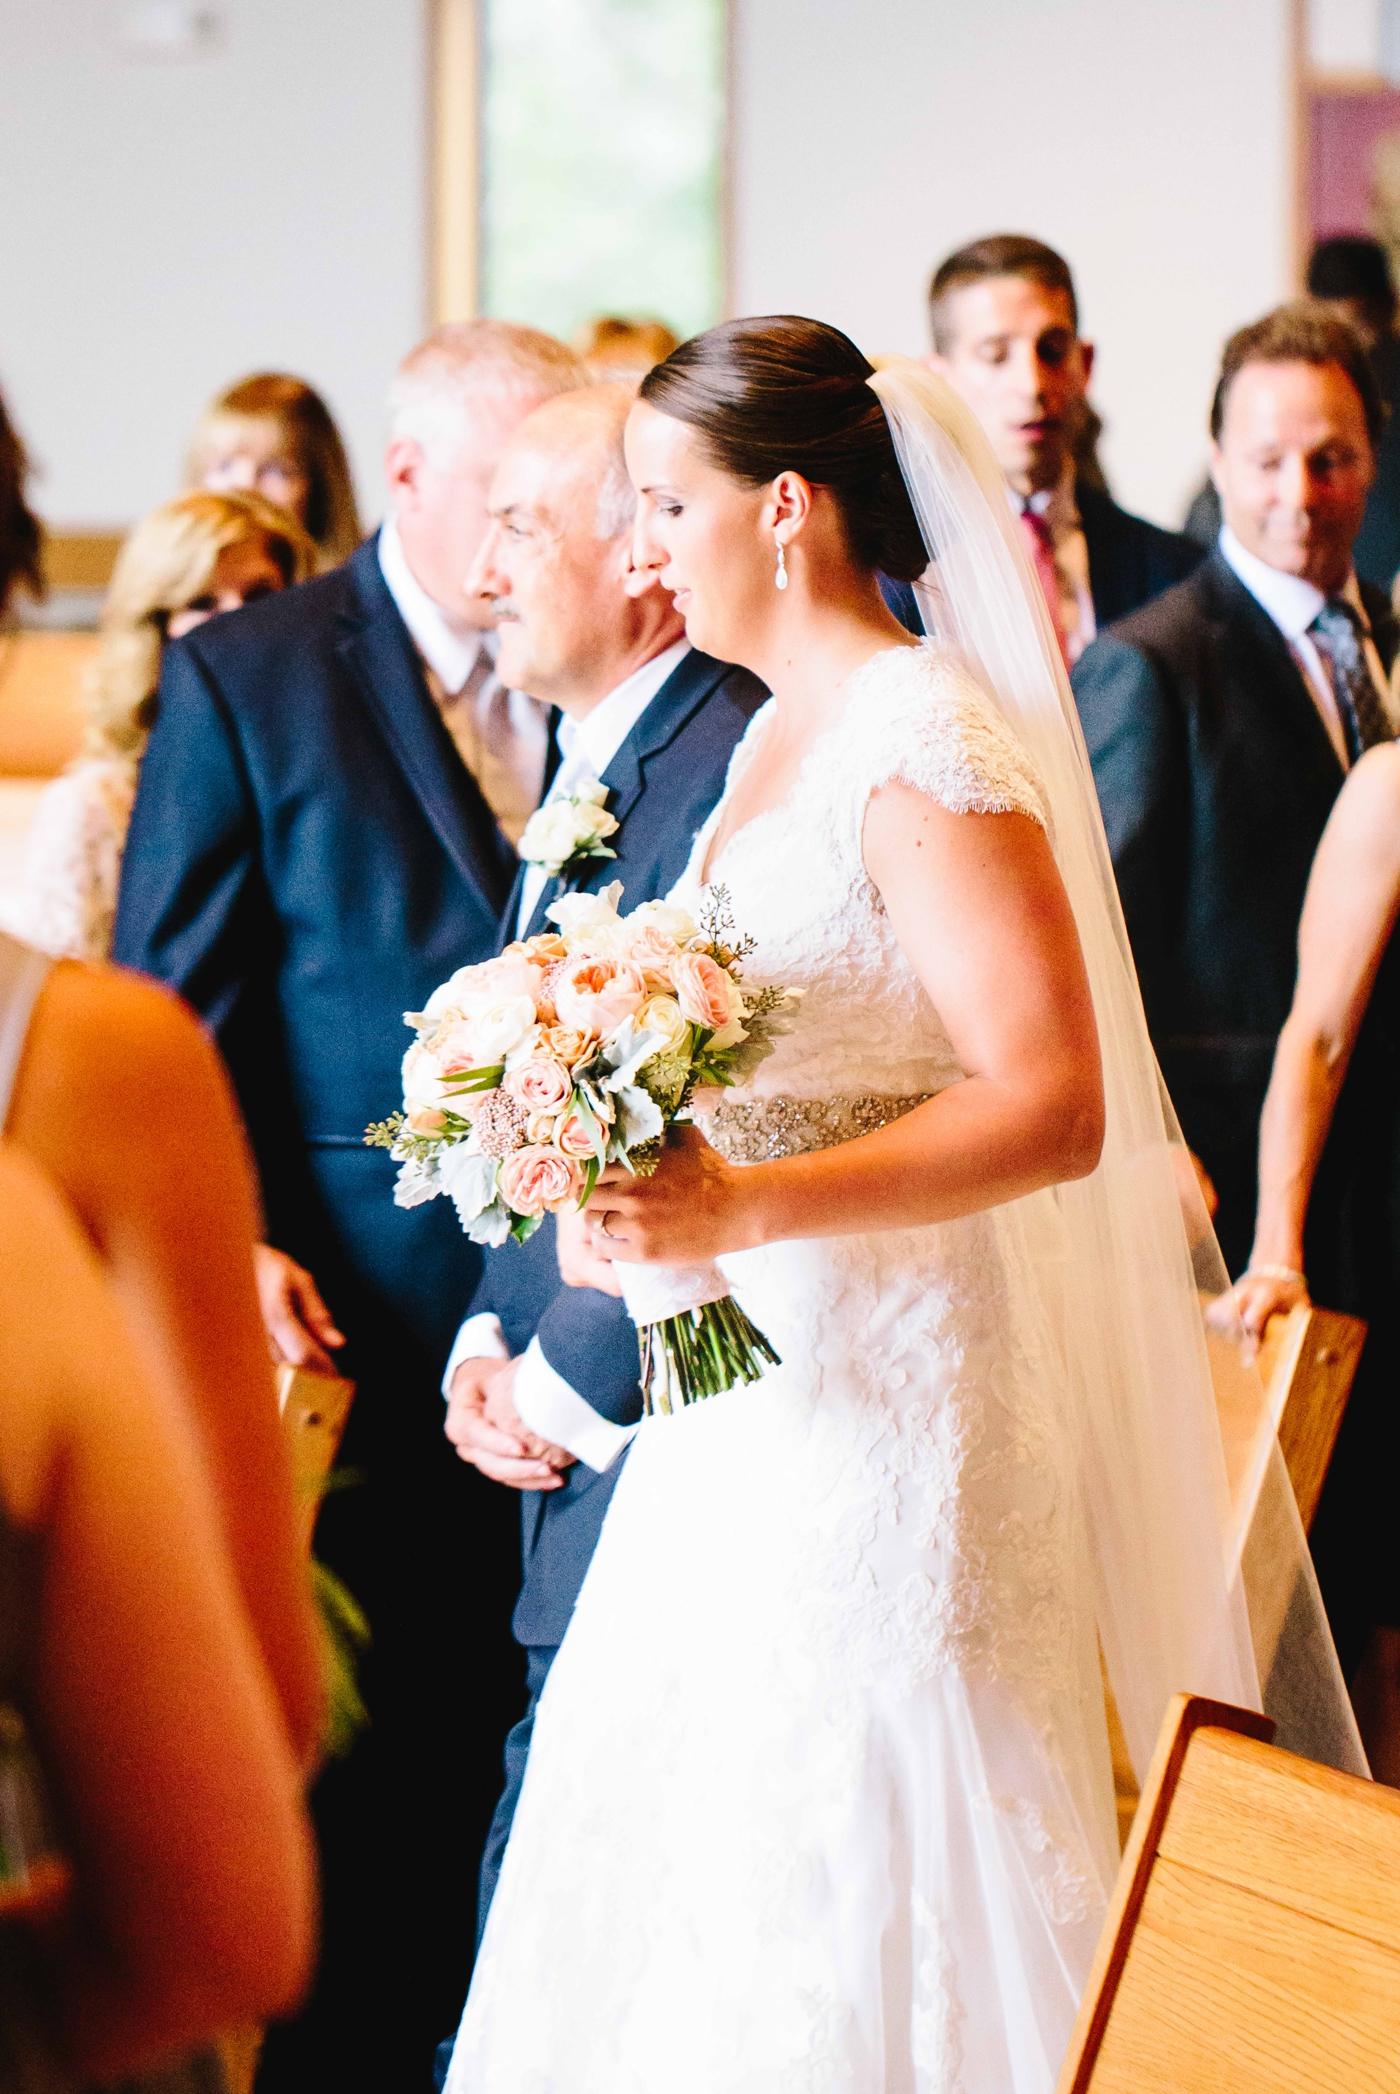 chicago-fine-art-wedding-photography-neuendank15